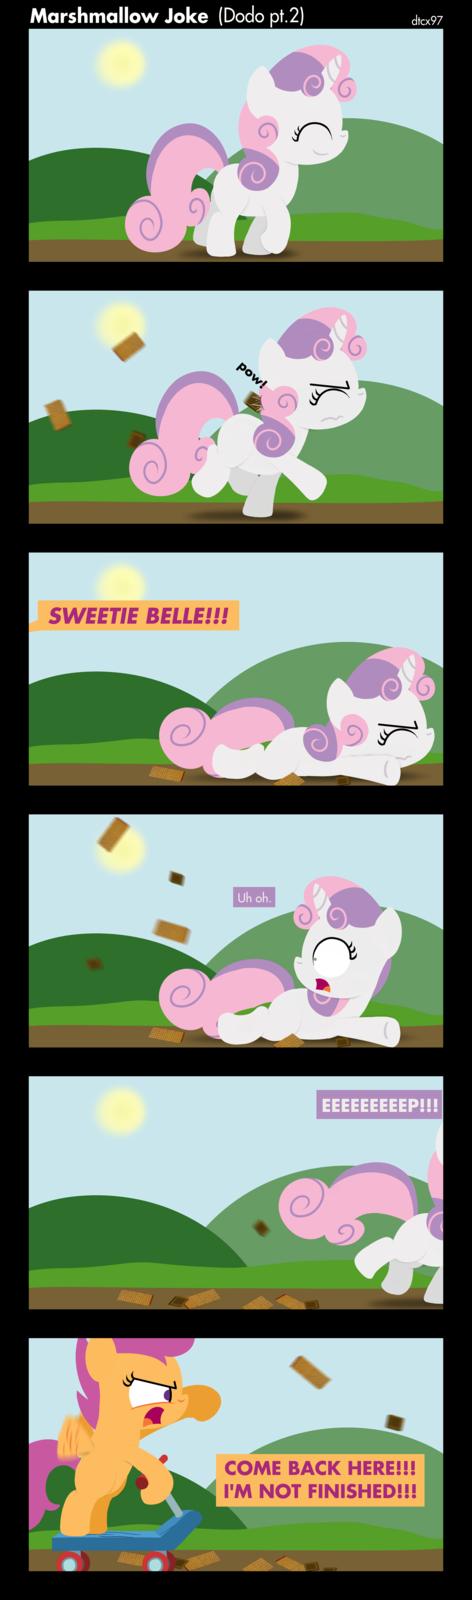 Marshmallow Joke